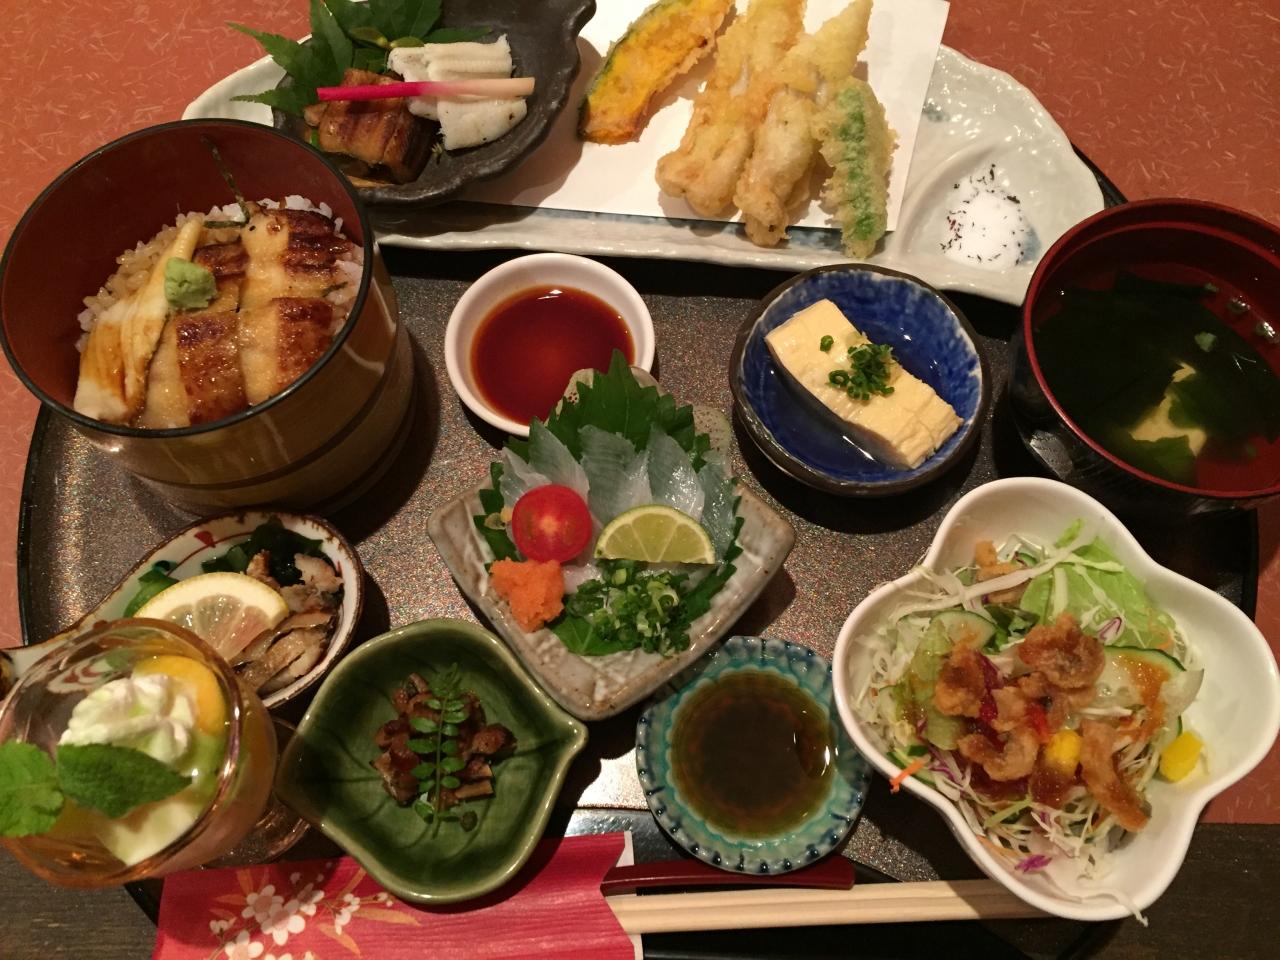 兵庫県で穴子を食うなら姫路の『柊(ひいらぎ)』 …